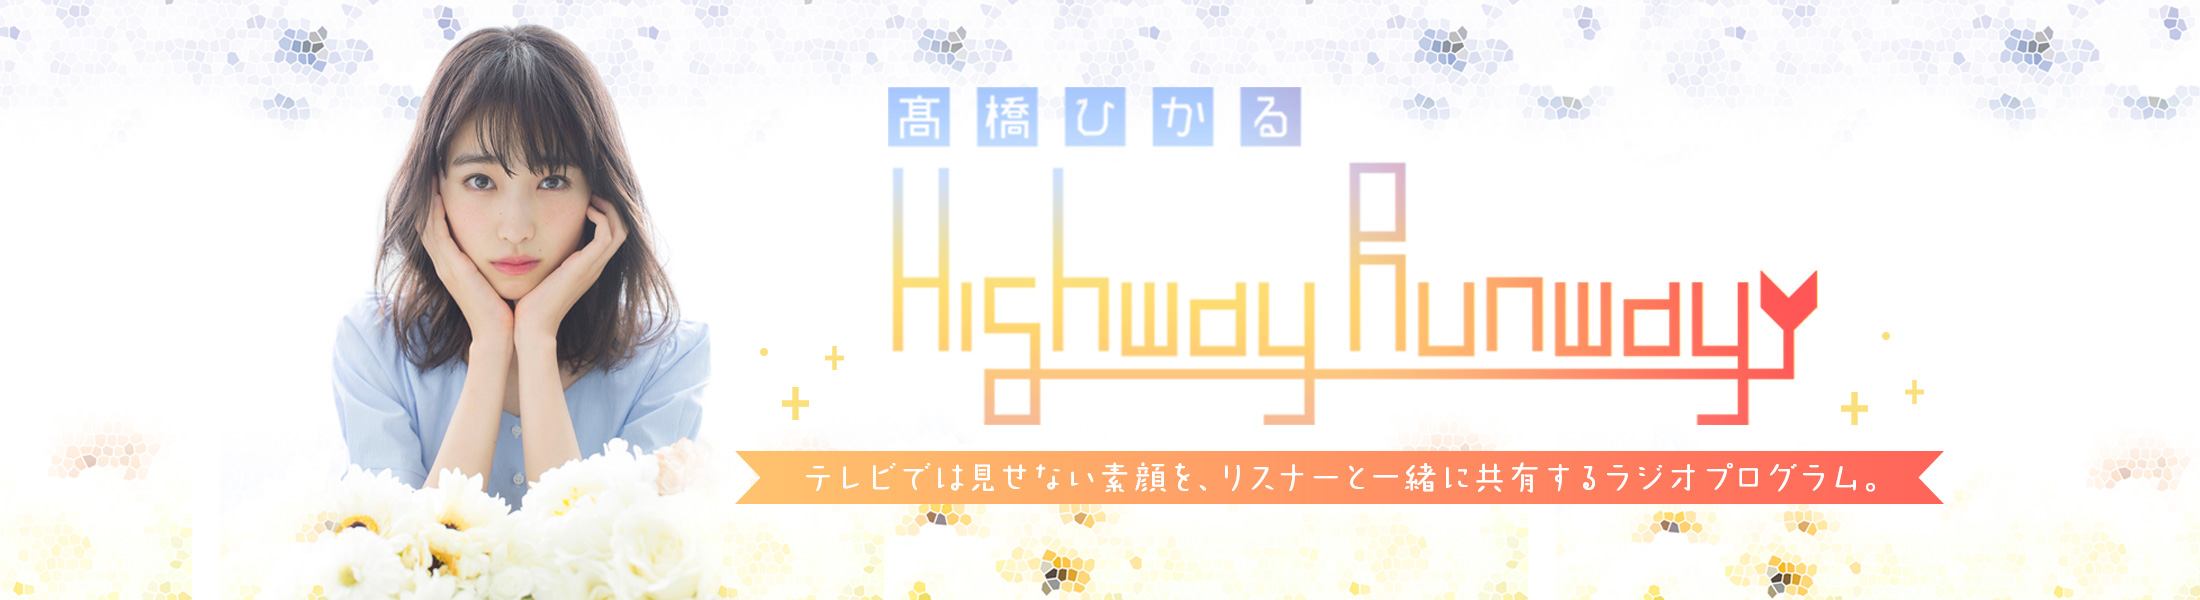 髙橋ひかる Highway Runway